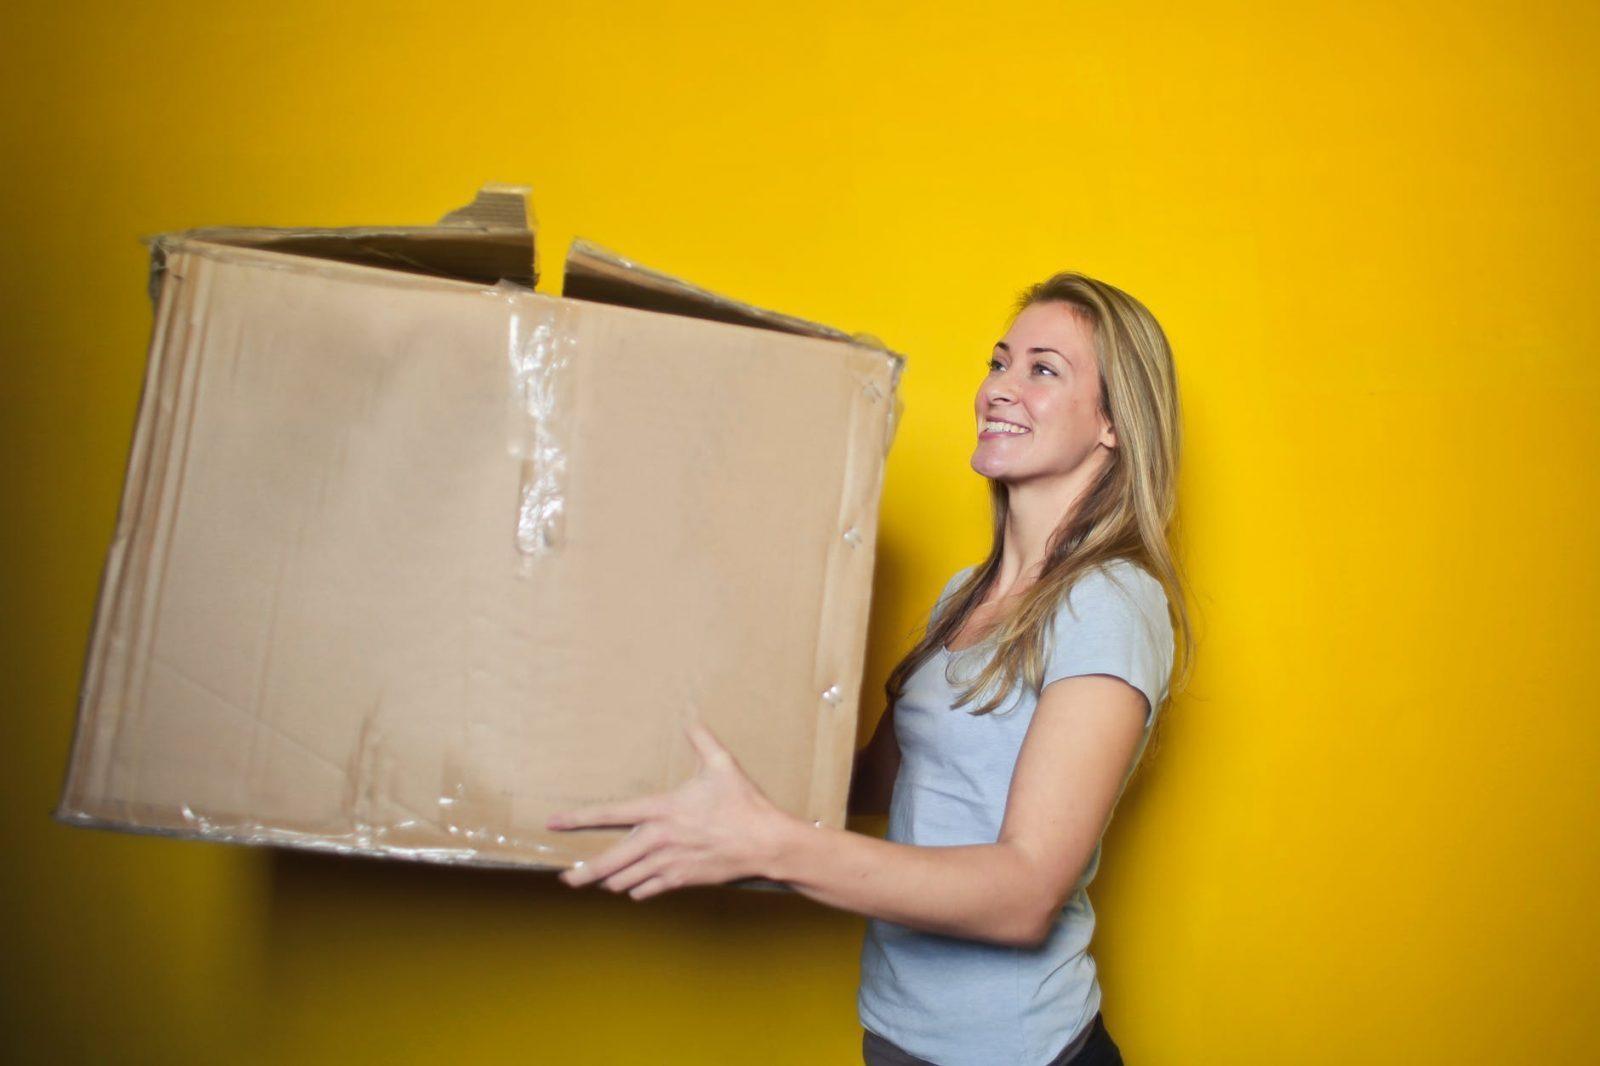 reuse amazon boxes